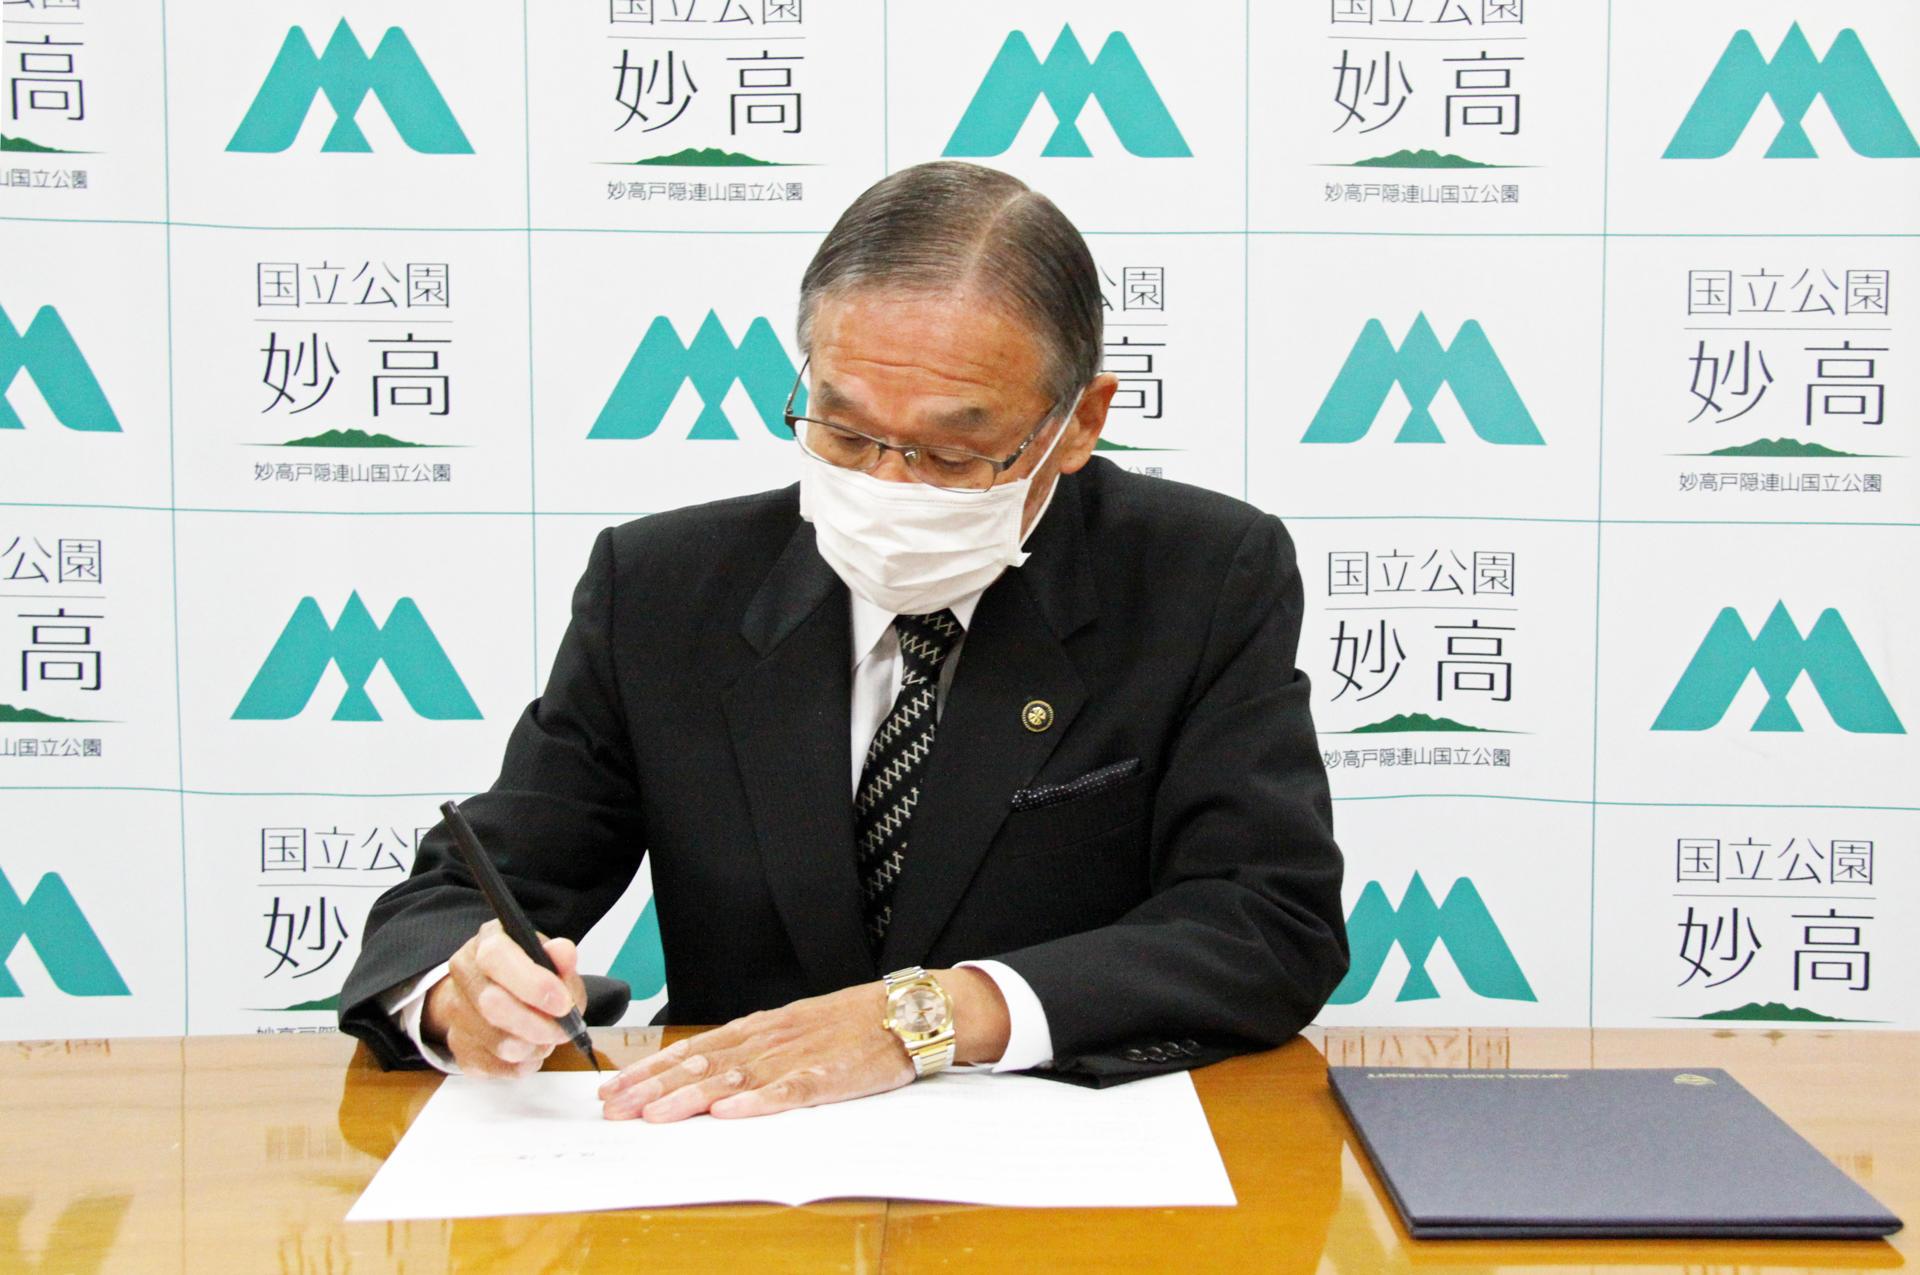 青山学院大学が妙高市と連携協力に関する協定を締結